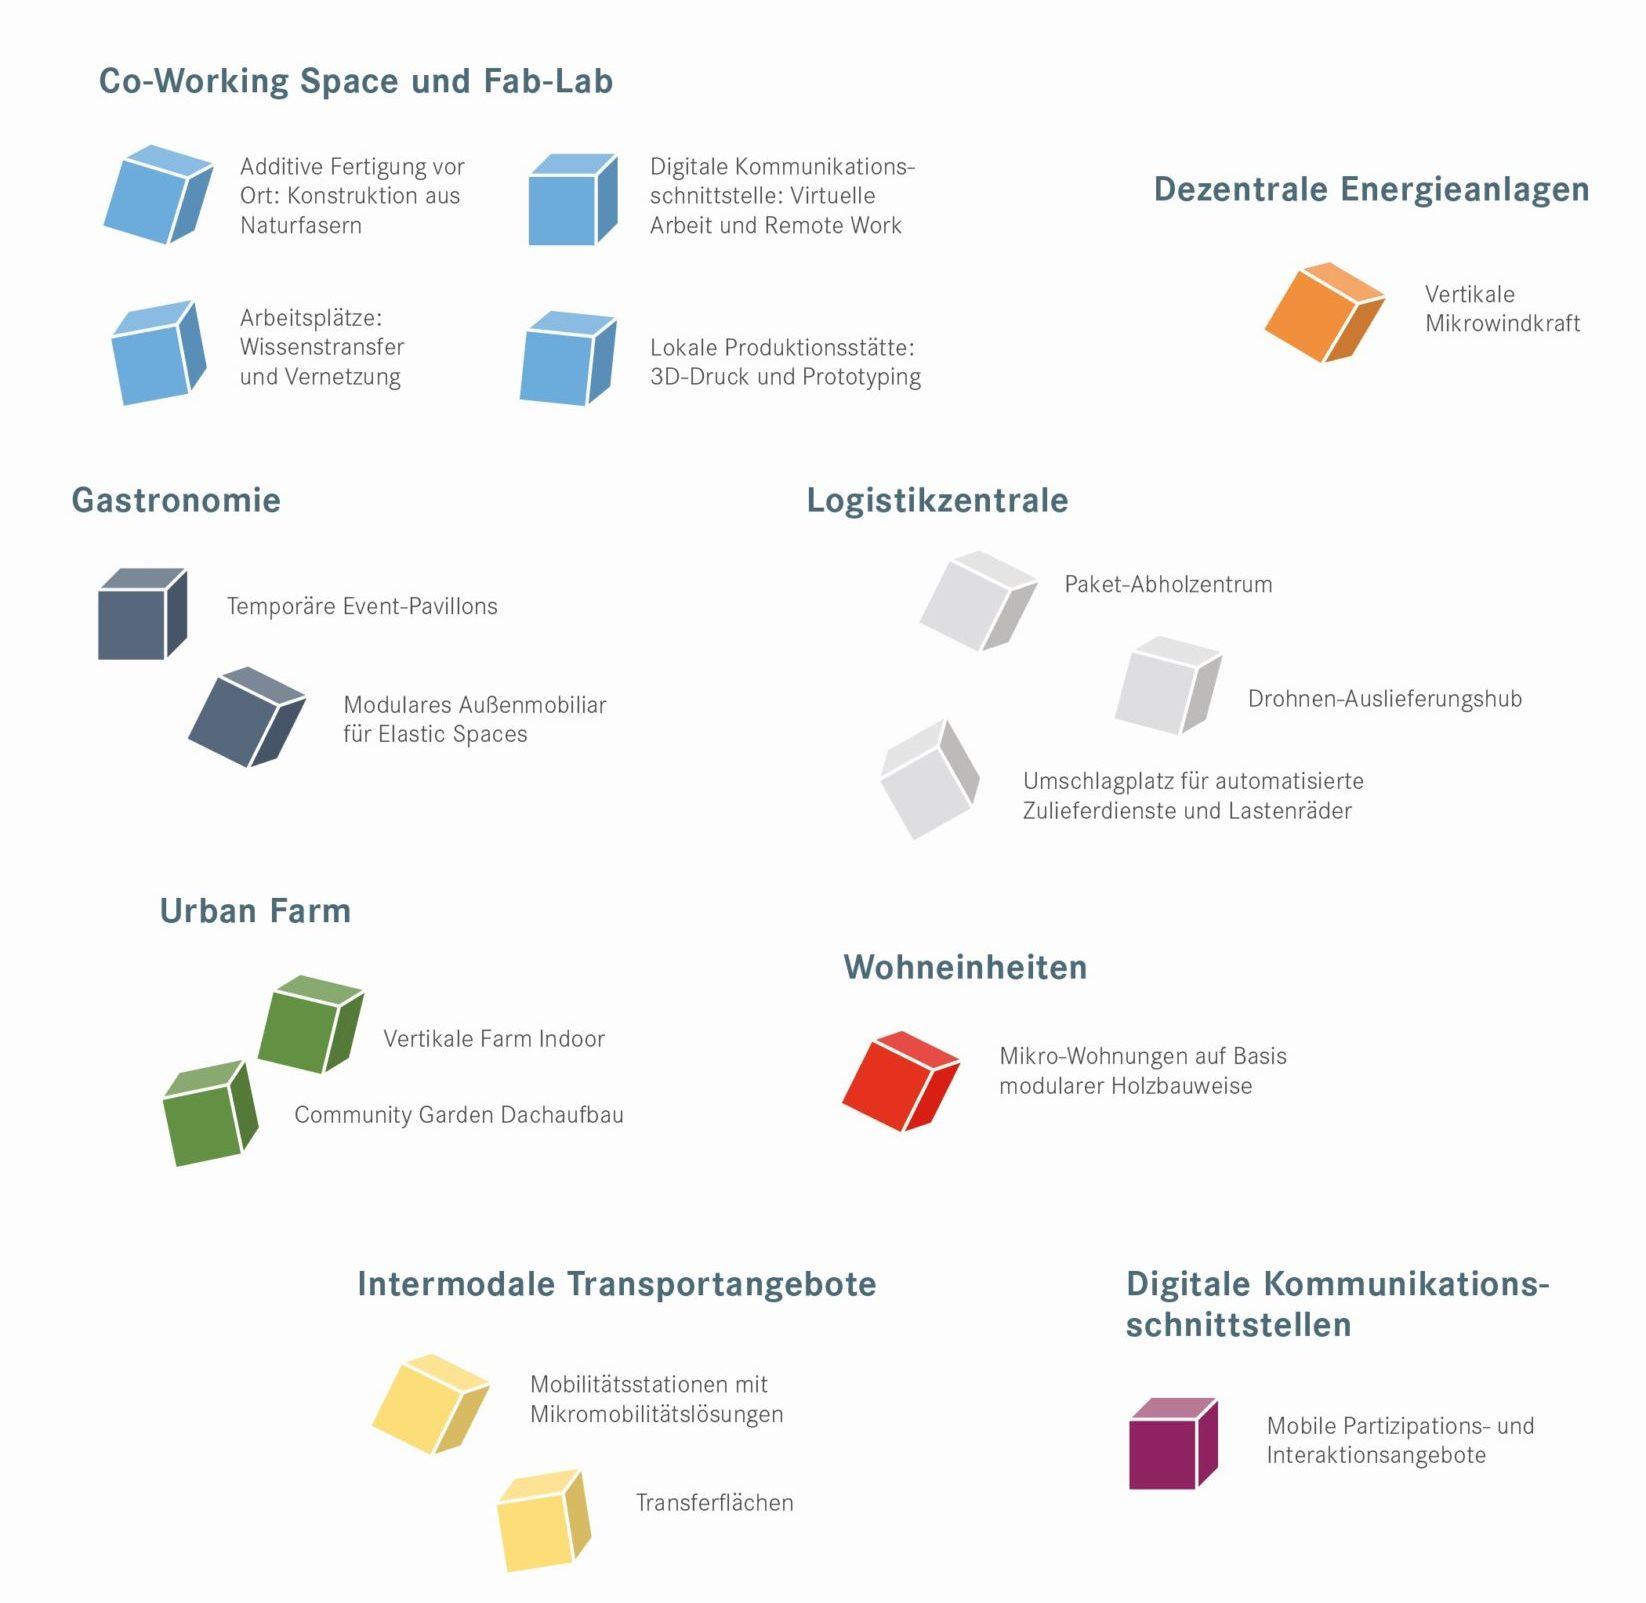 Das Bild zeigt alle Funktionen und Eigenschaften, die im Anwendungsfall Mobilitätshub berücksichtigt werden.